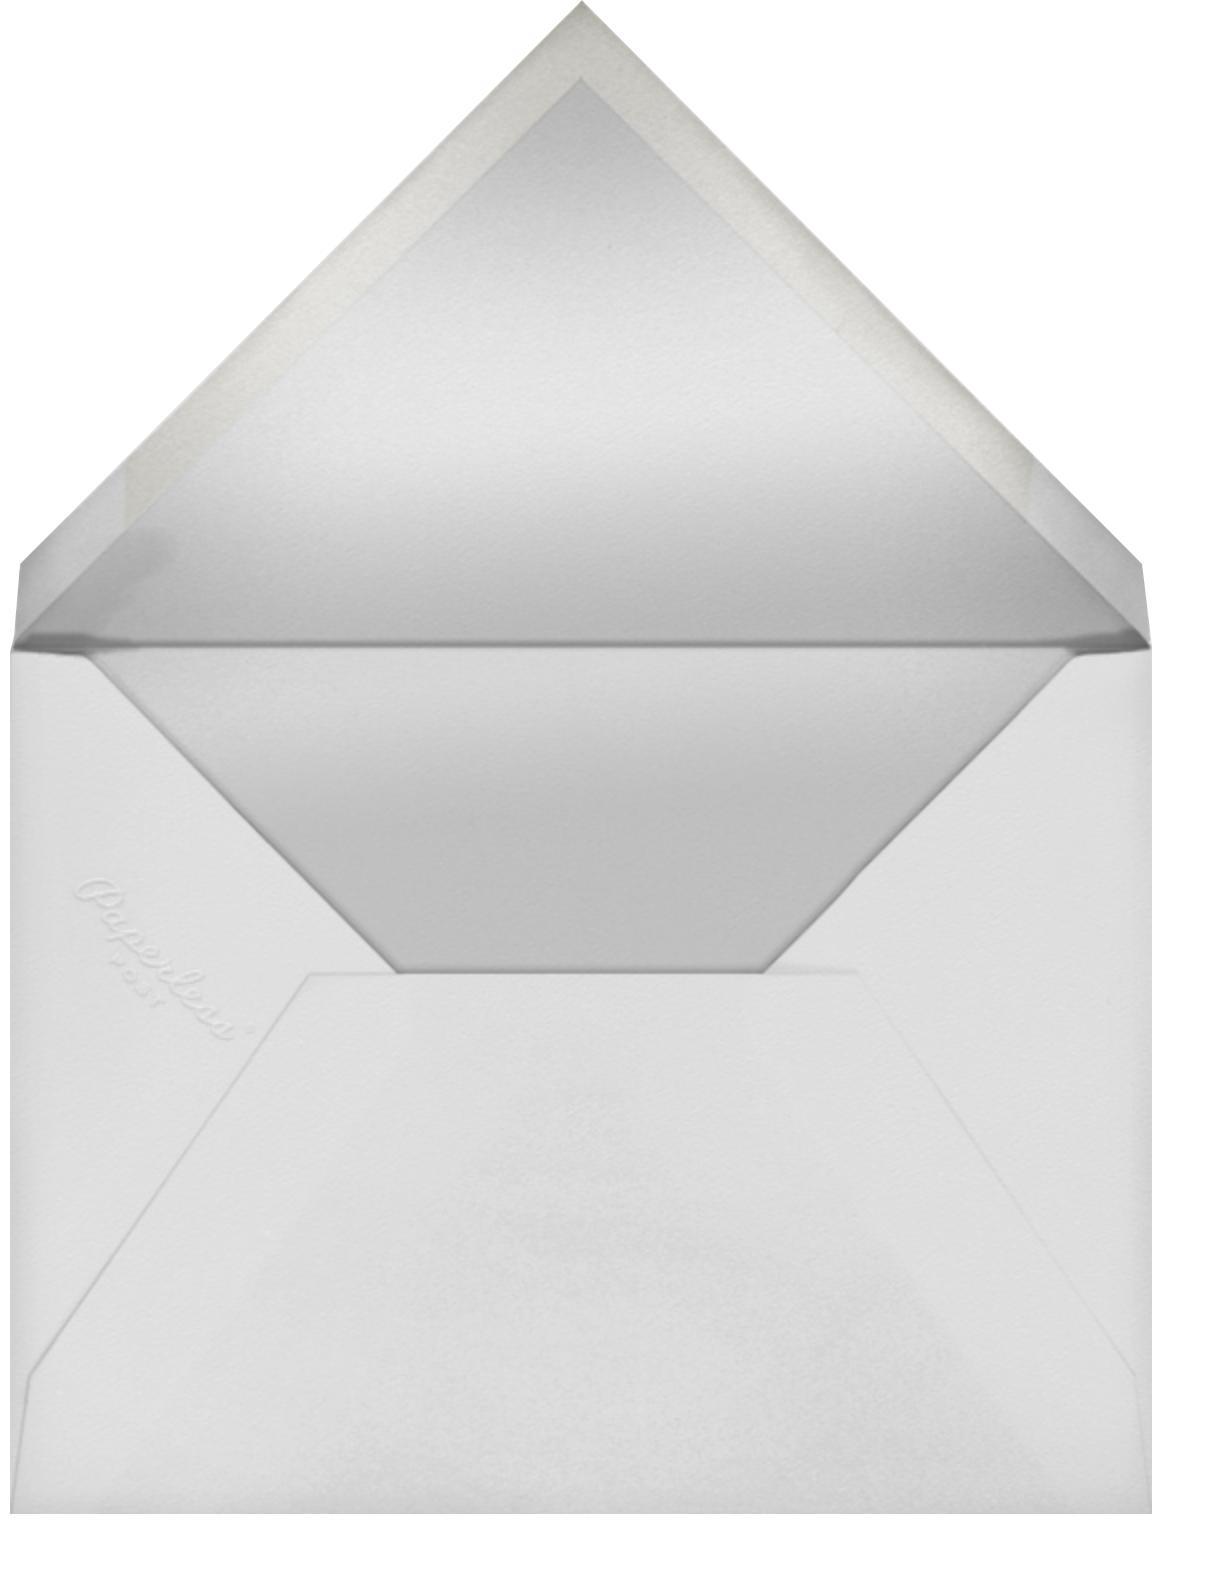 Girardin (Menu) - Paperless Post - Menus - envelope back